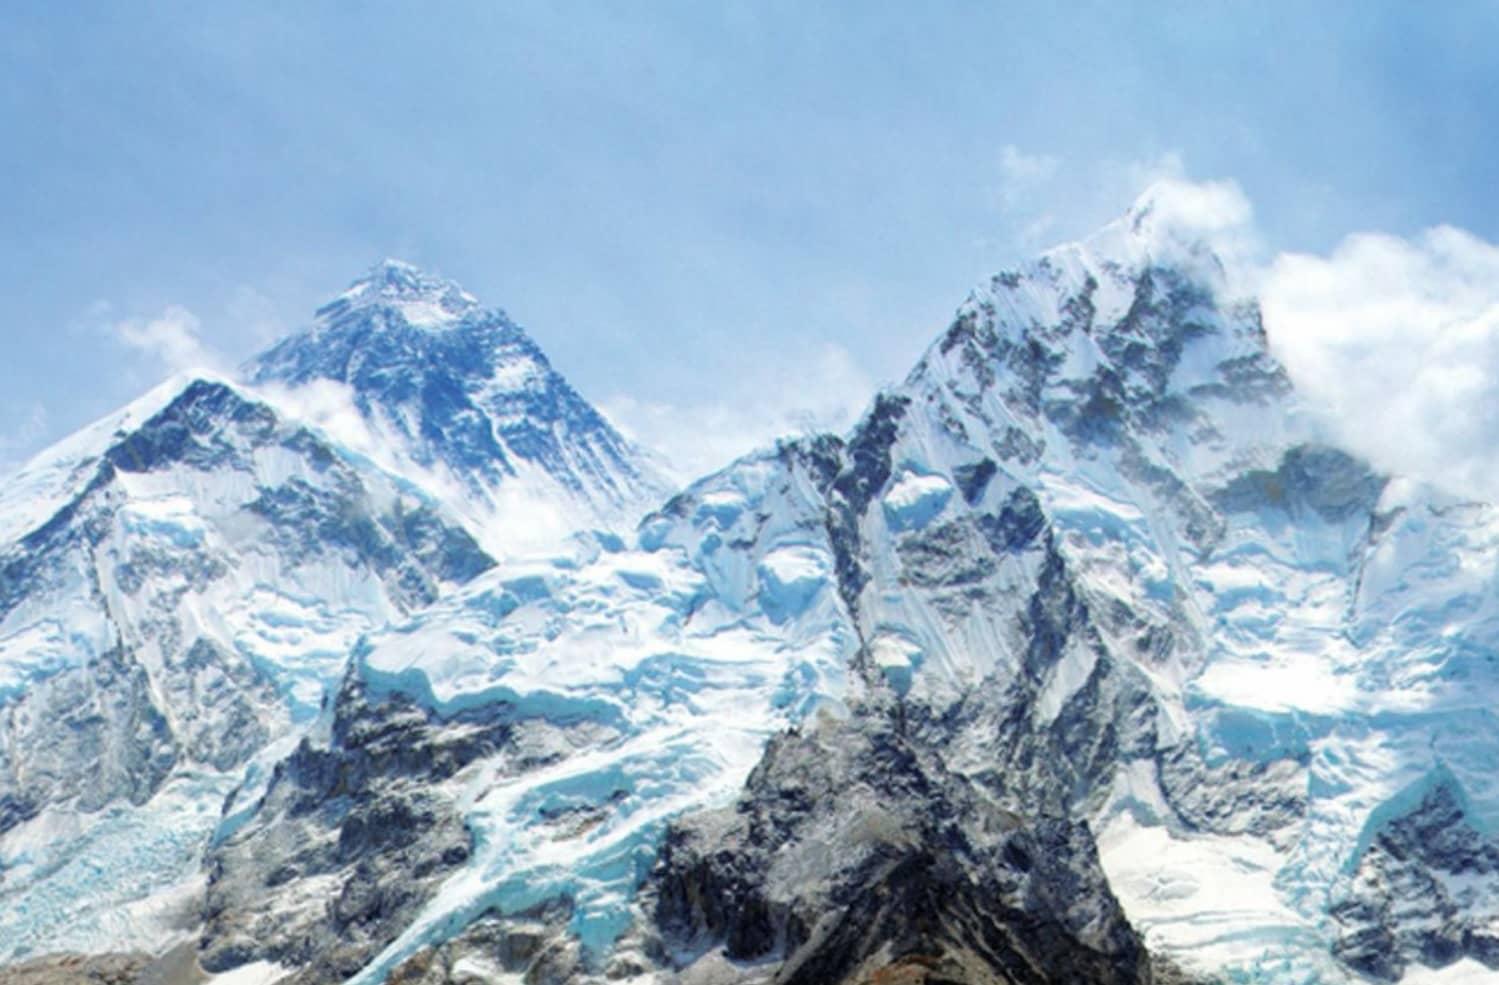 Cenizas de la revolución industrial en el Himalaya